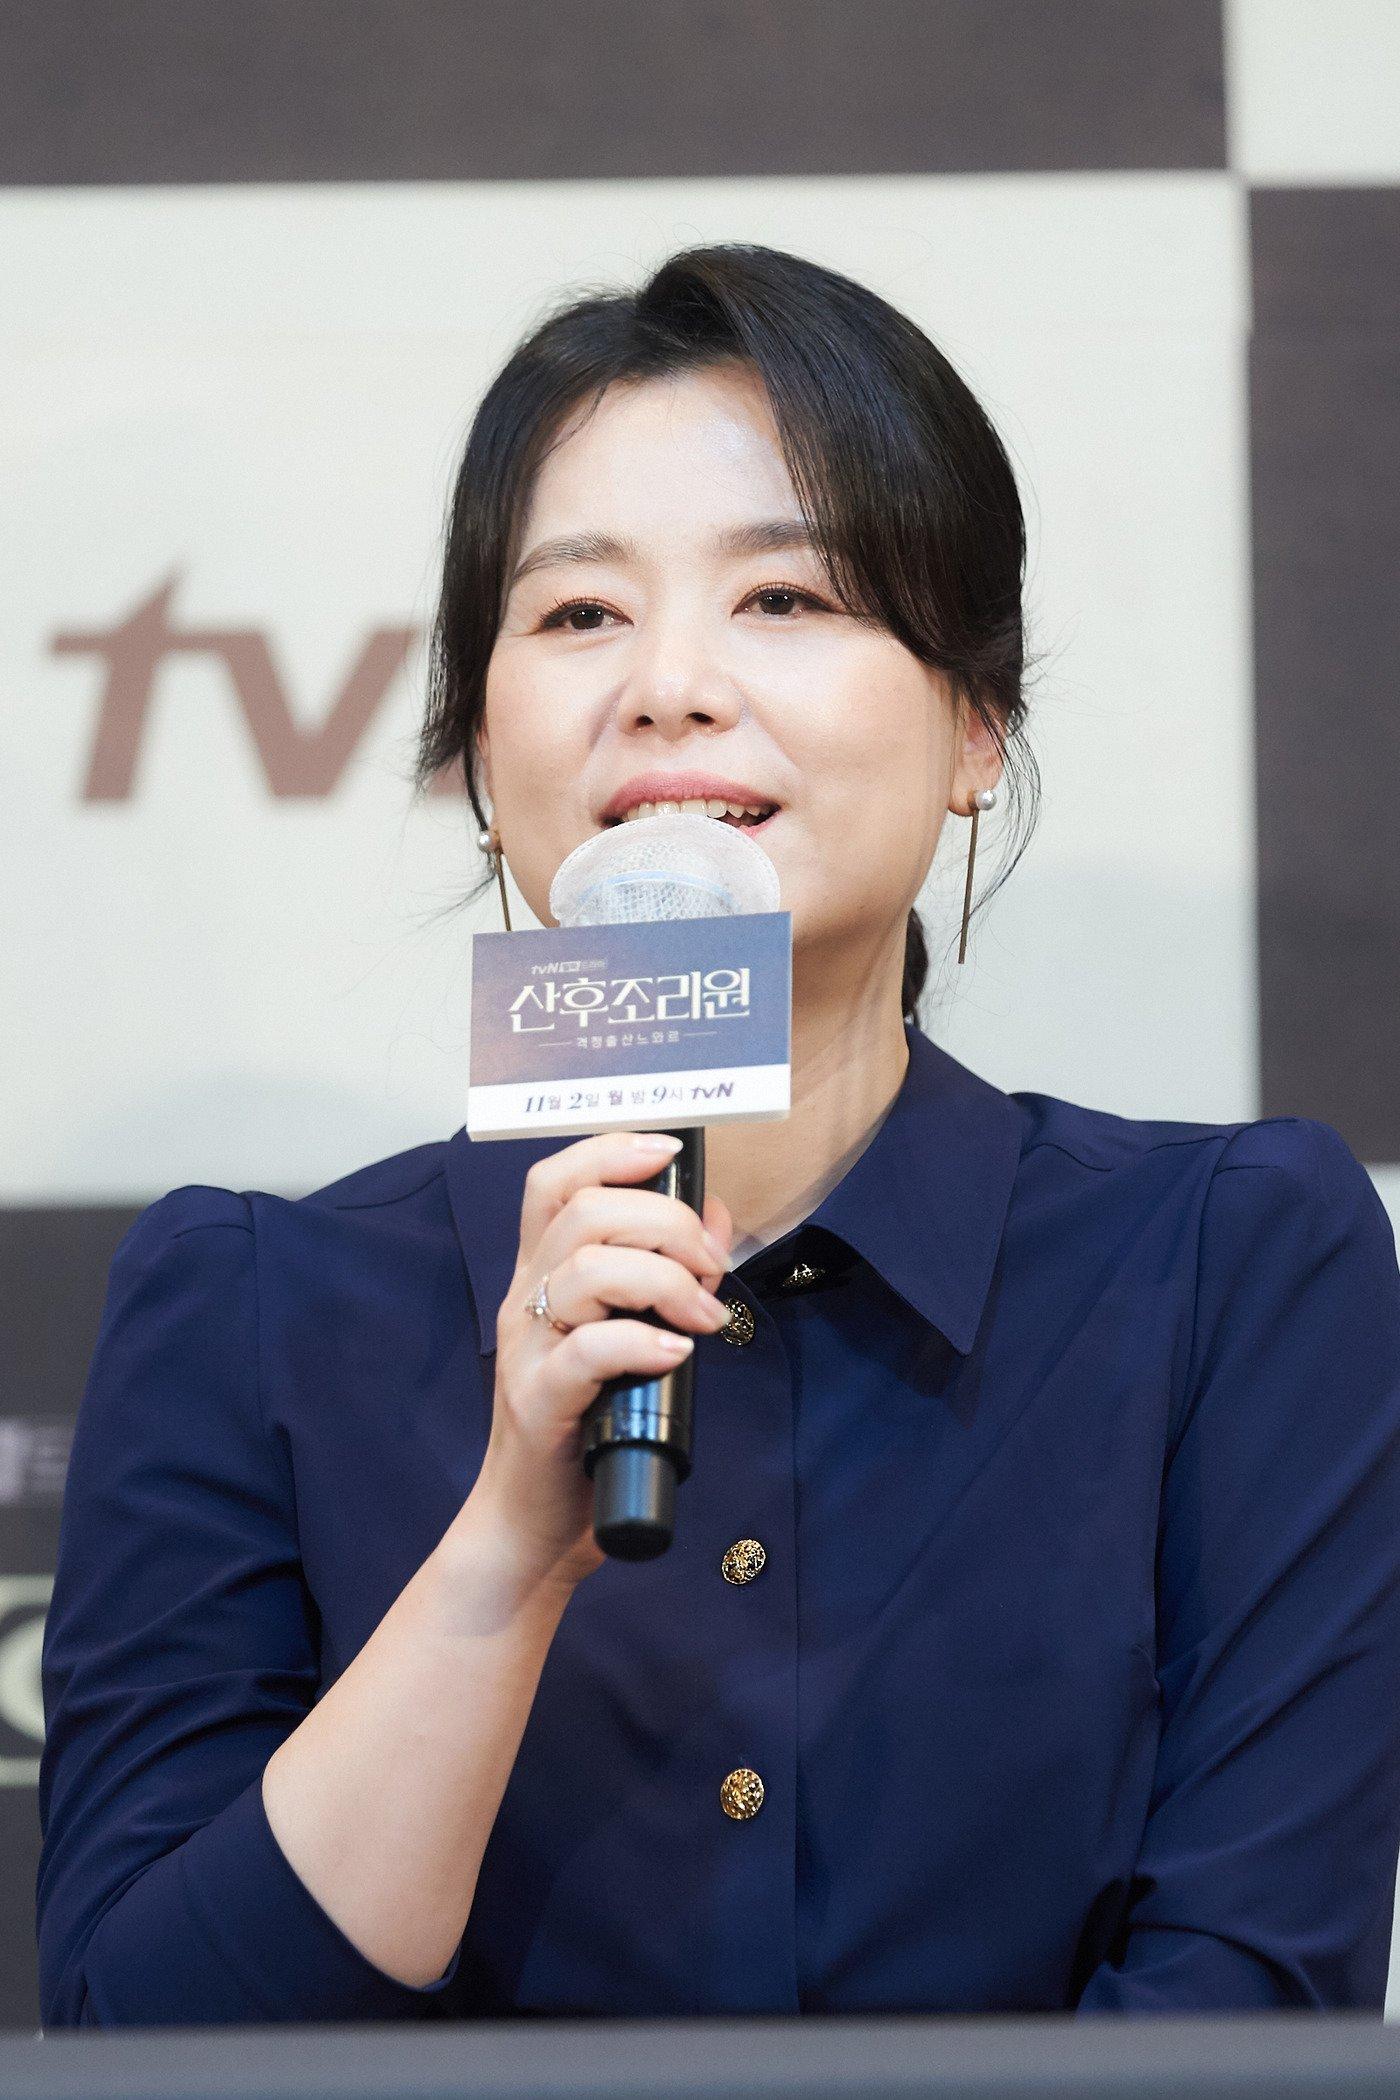 《产后调理院》严智苑、朴河宣、张慧珍、尹博出席新剧发布会